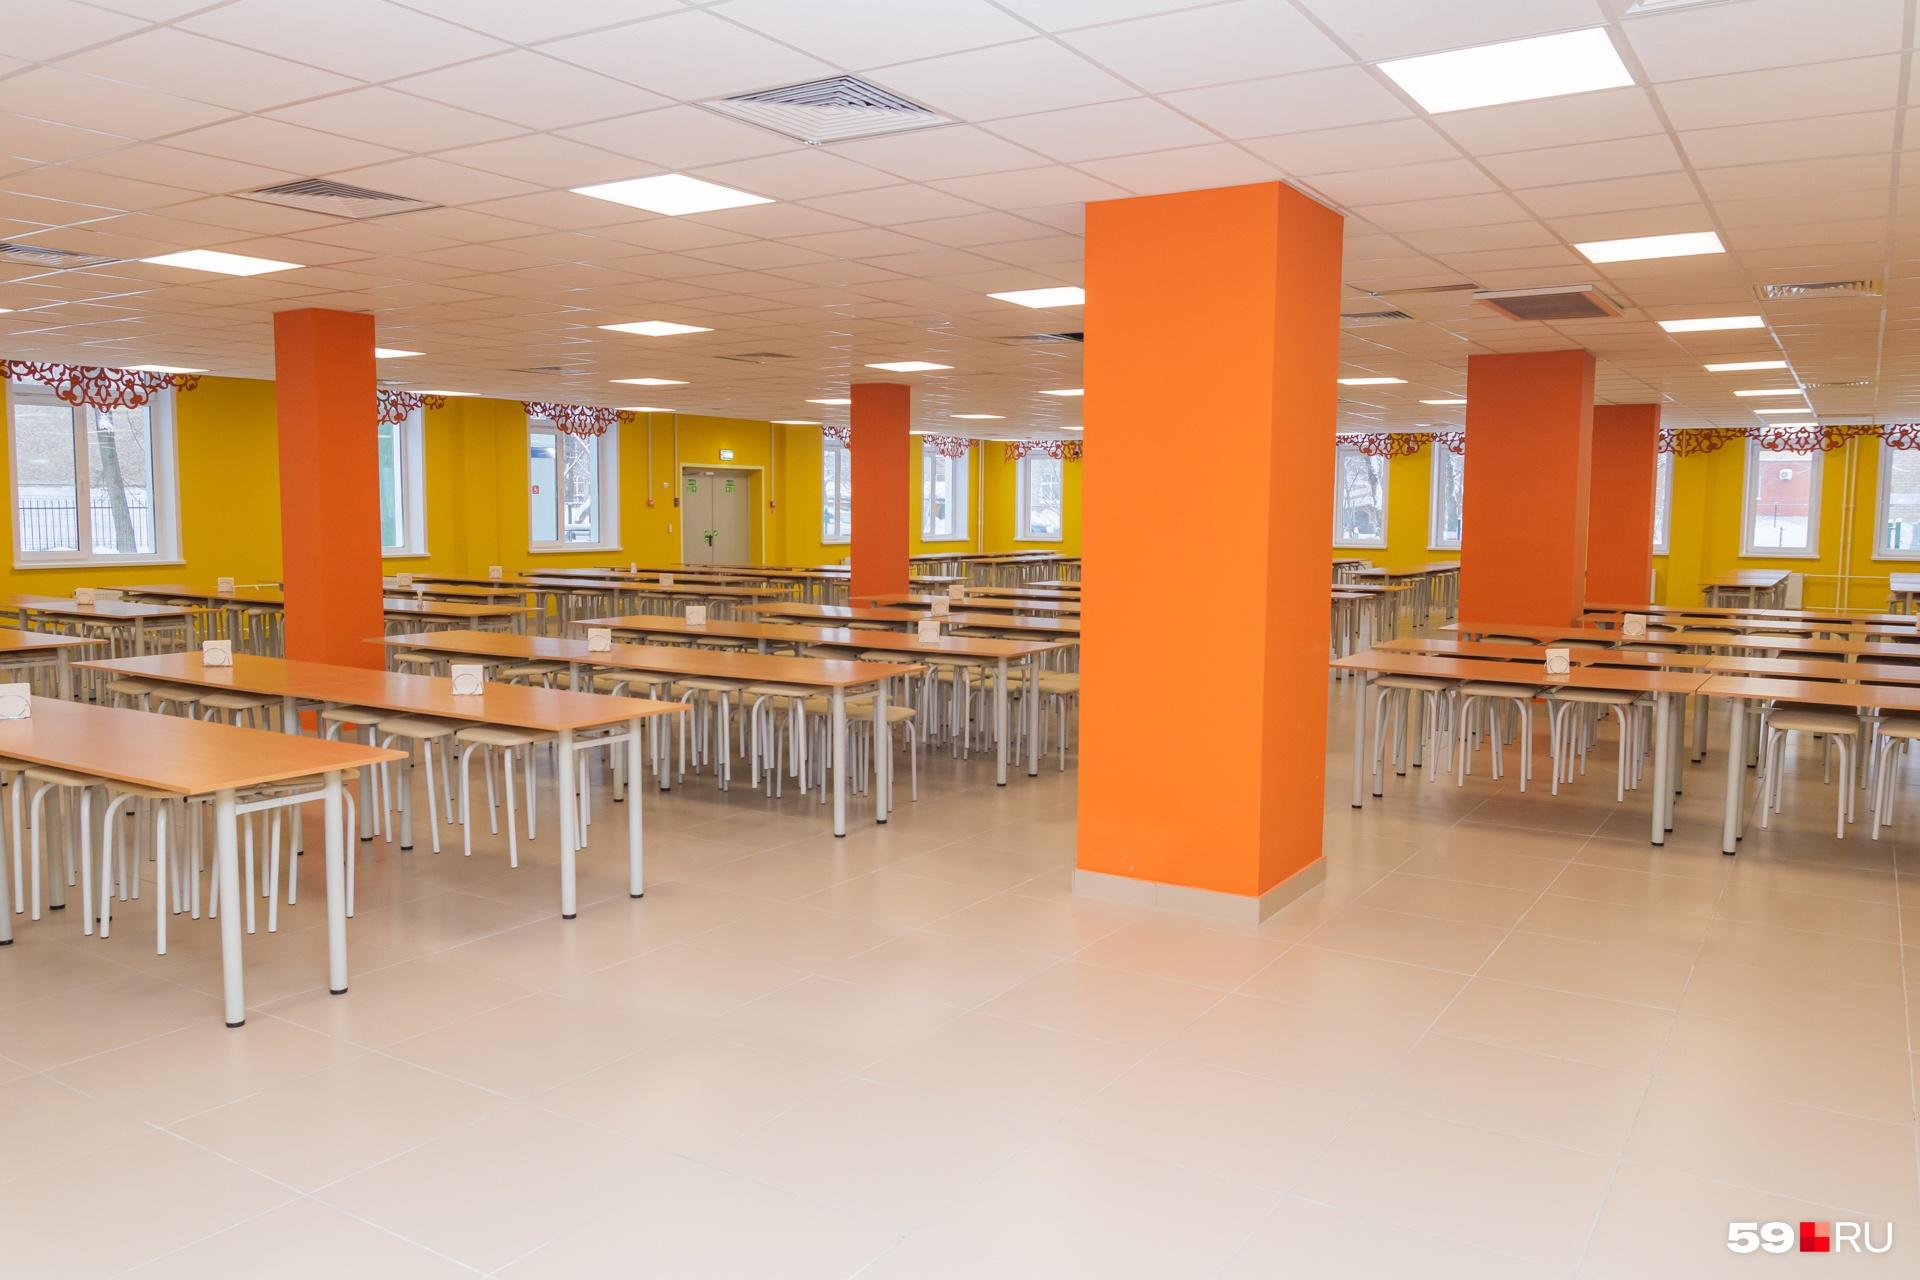 Теперь обедать в одно время смогут больше классов